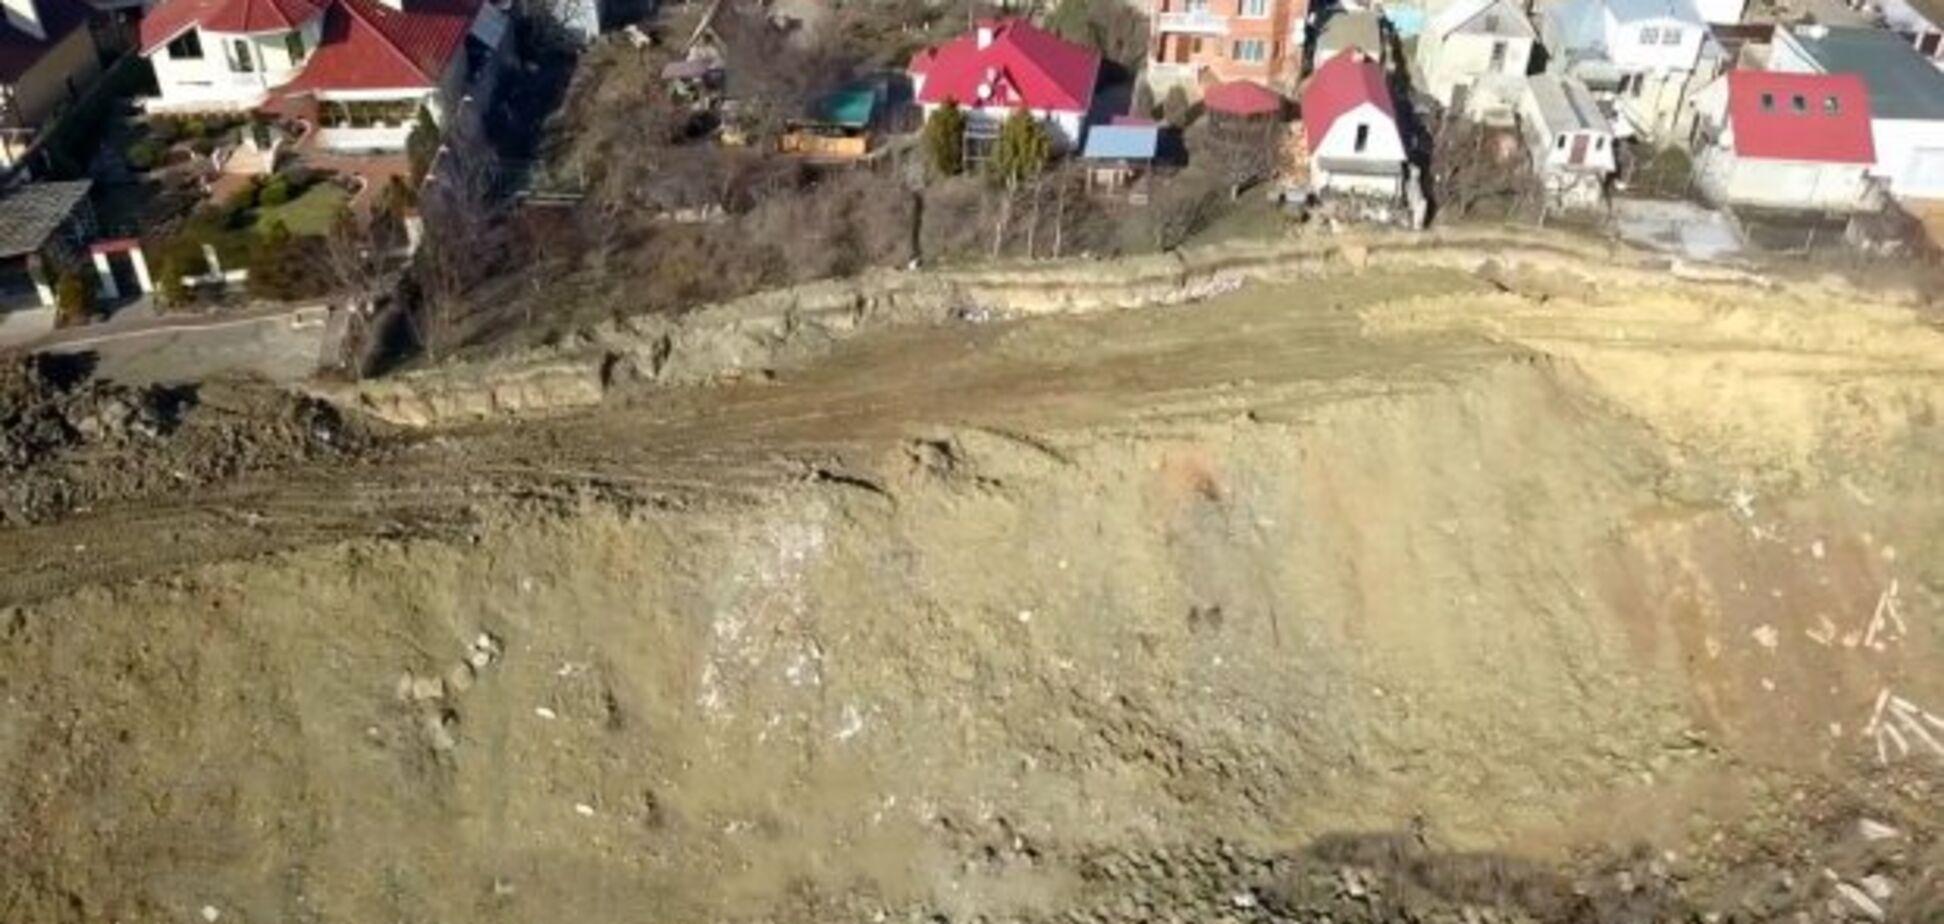 Дома Одессы ушли под землю: фото исчезнувших улиц